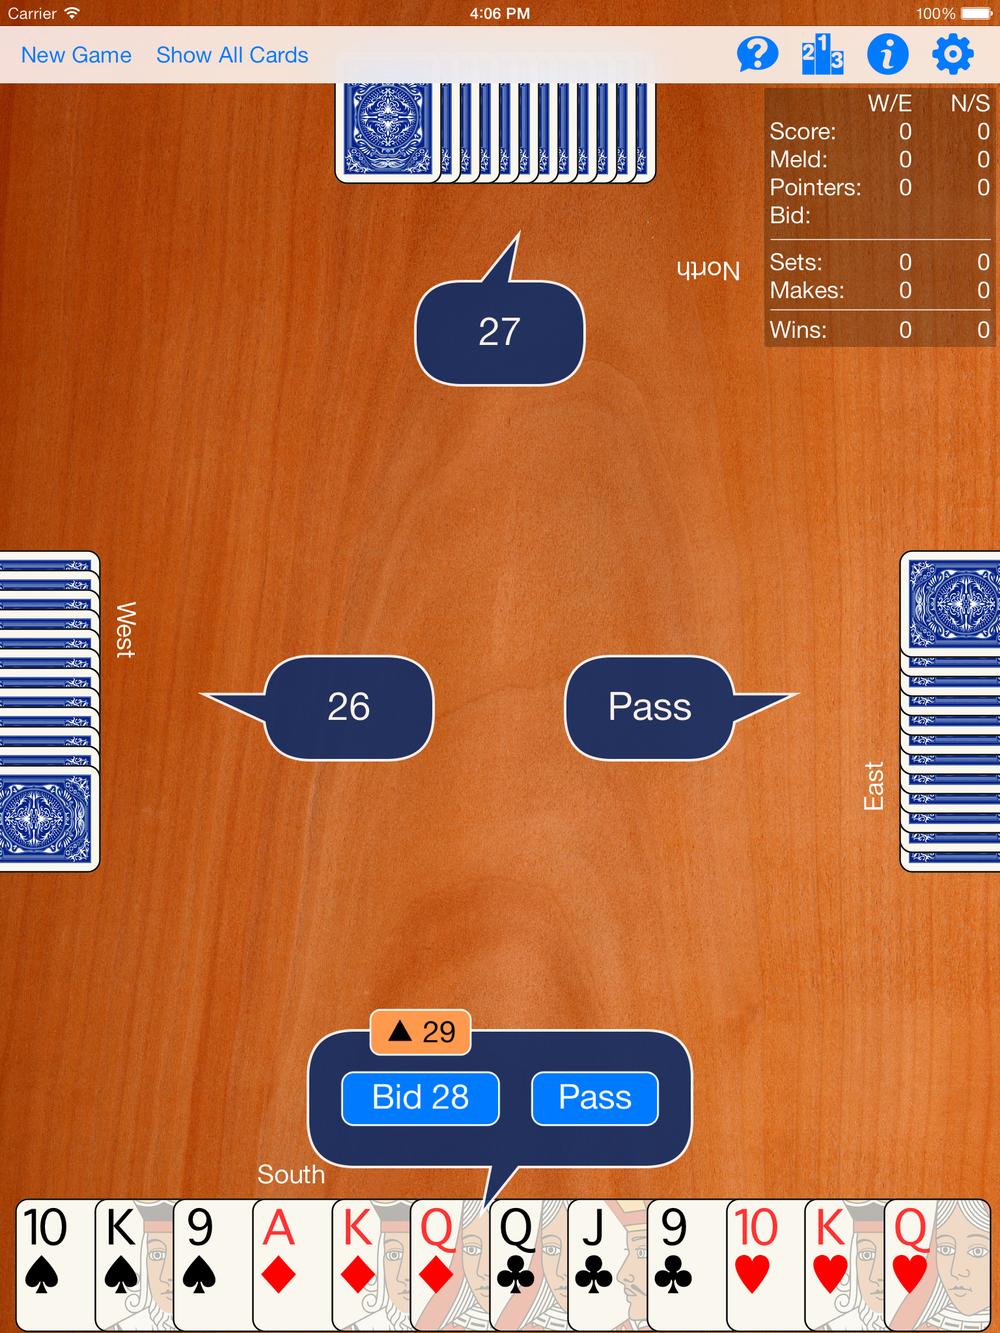 iOS Simulator Screen shot Oct 5, 2013, 4.06.43 PM.png